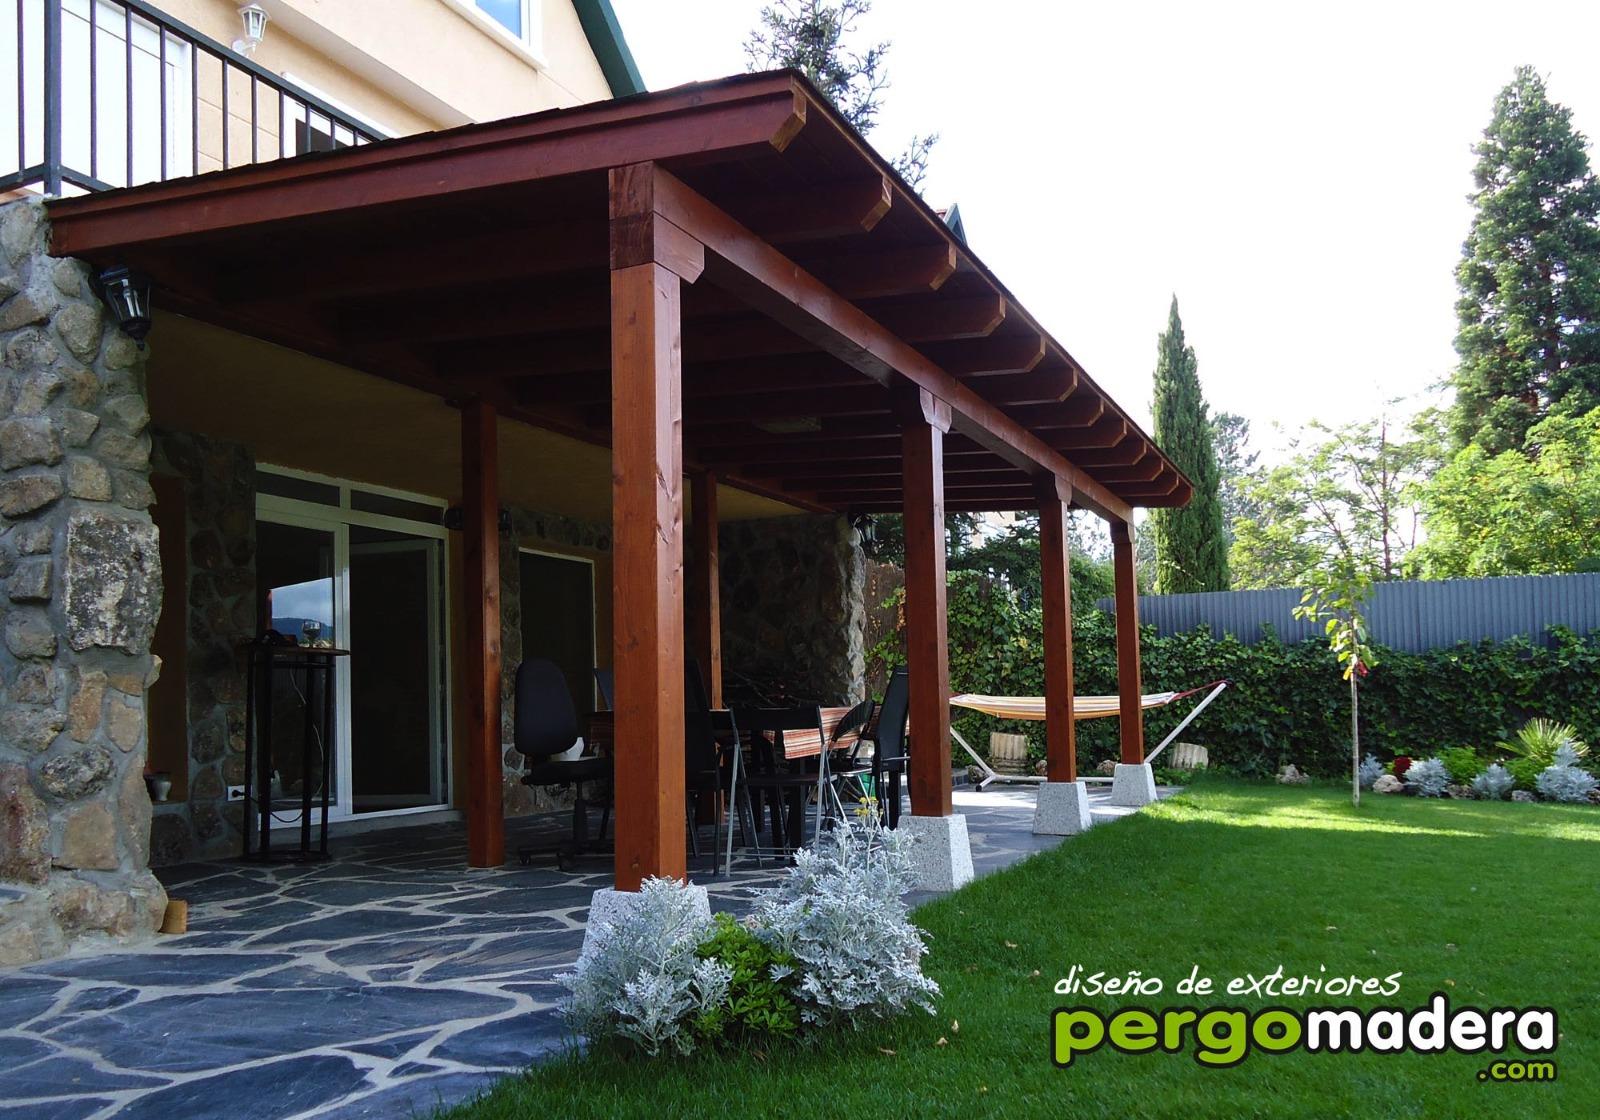 Lo m s importante en la construcci n de porches y p rgolas de madera - Porches en madera ...